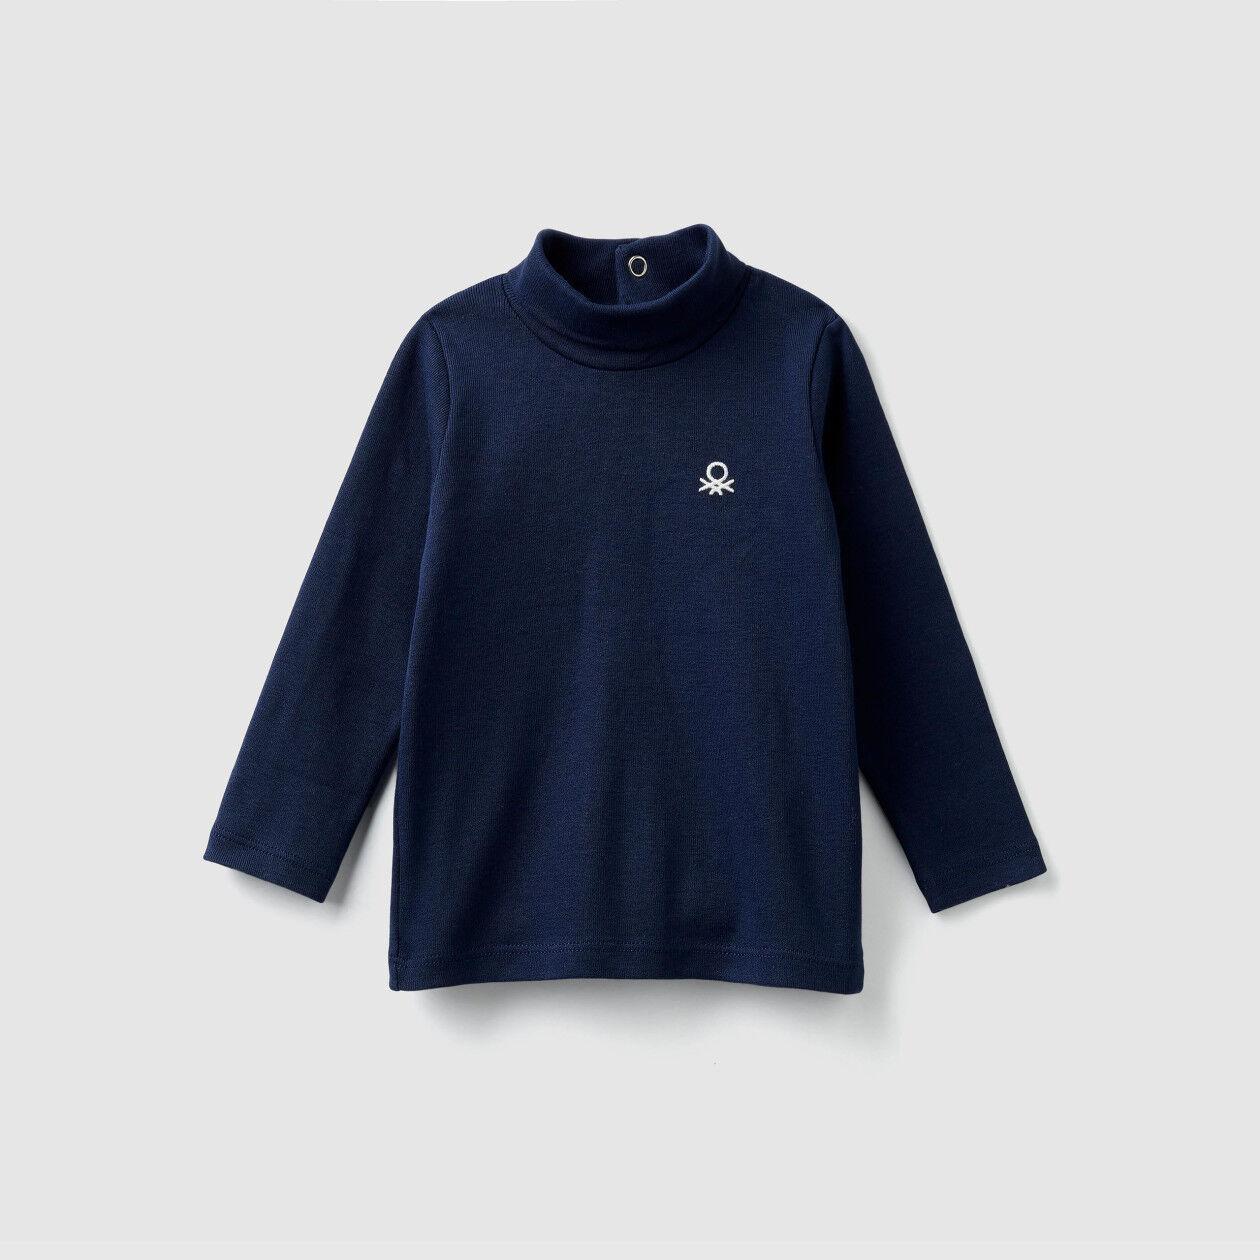 Camiseta de cuello alto de algodón orgánico